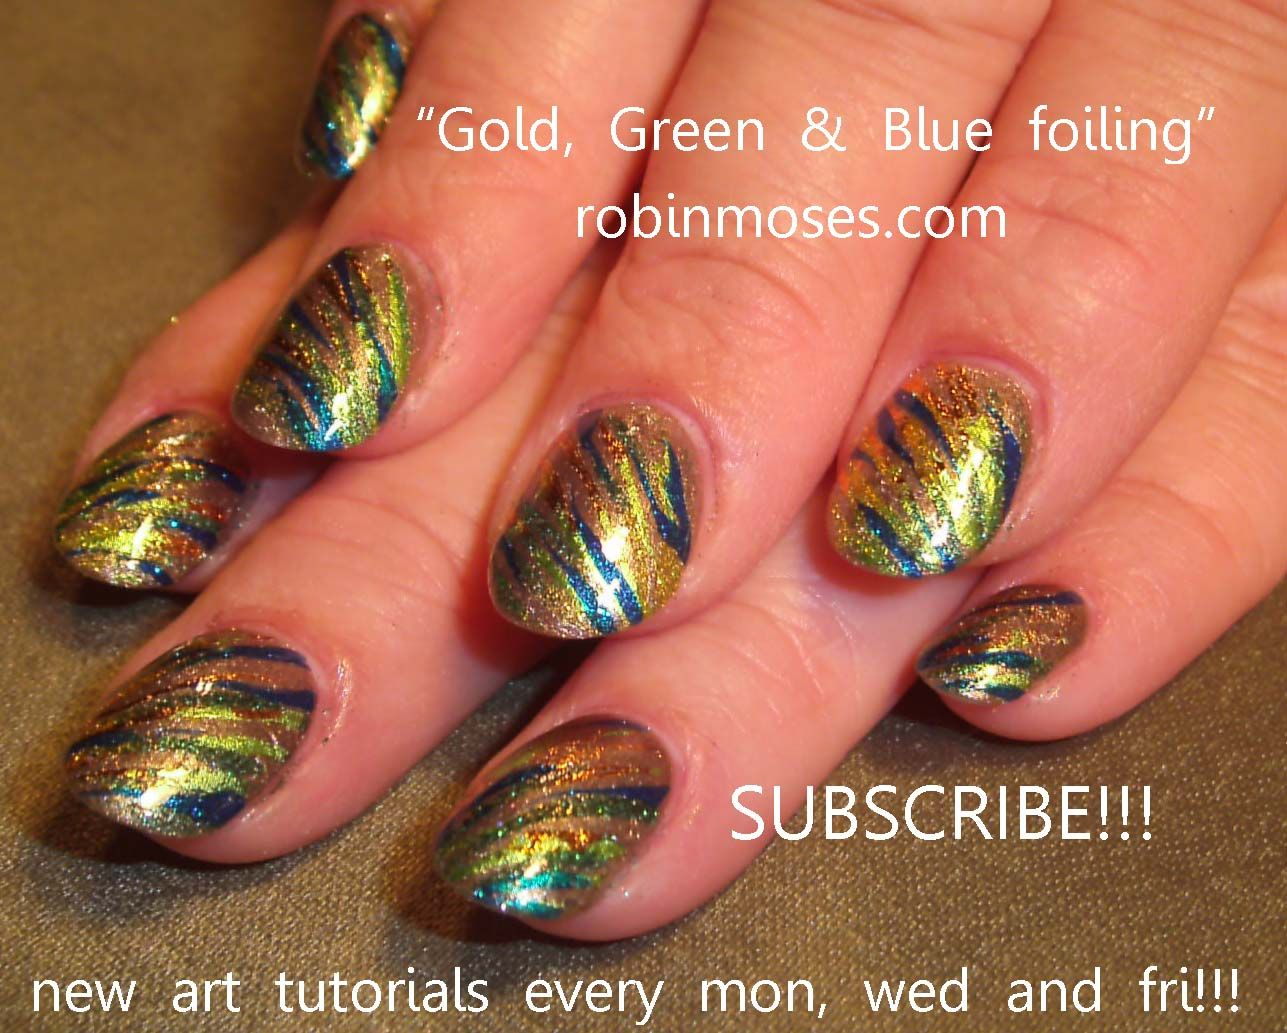 Nail-art by Robin Moses: October 2011 | Nails | Pinterest | Robin moses